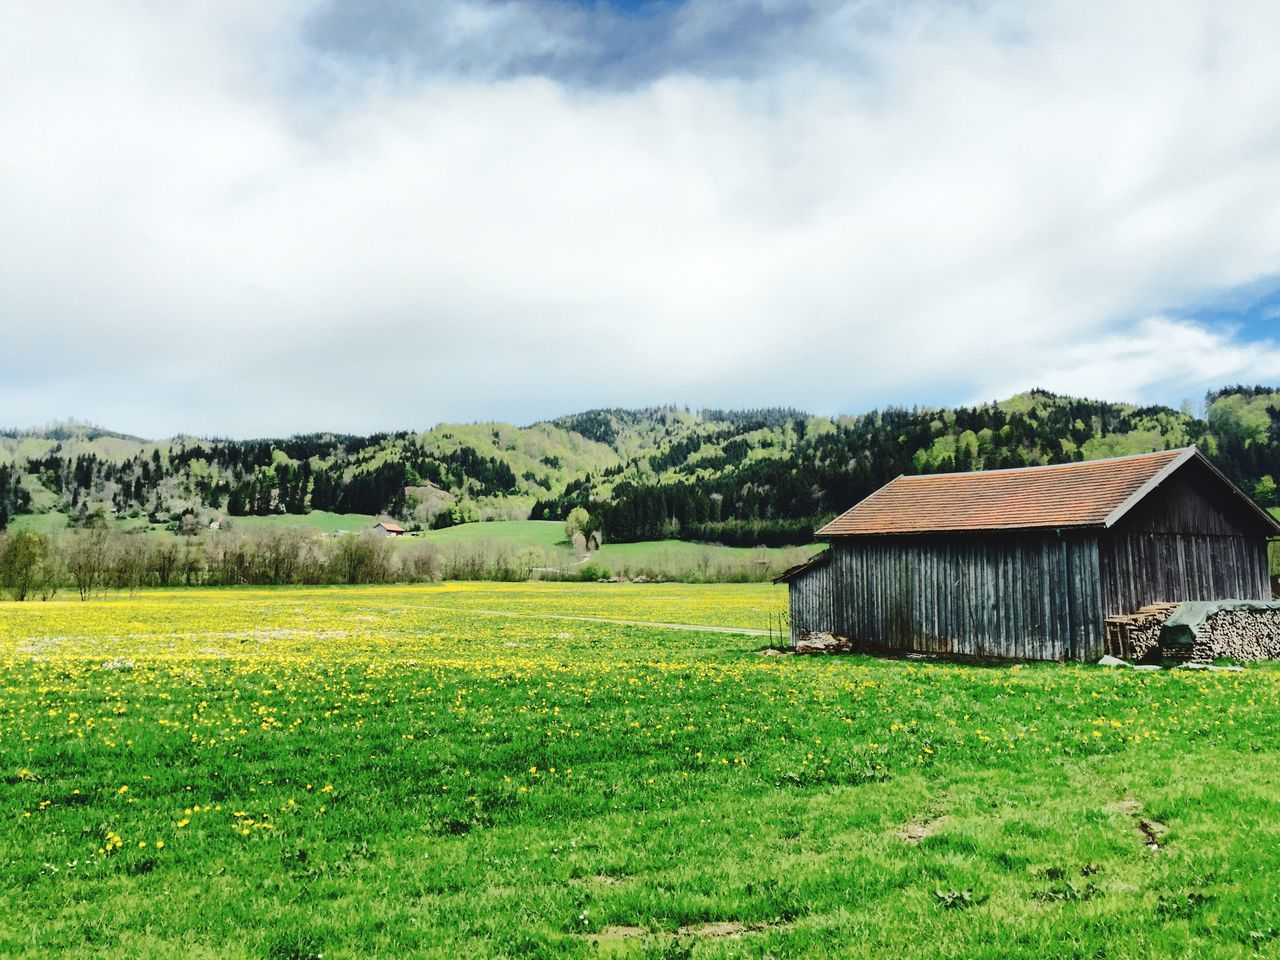 Die Adelegg von Großholzleute aus gesehen. Barns Spring Landscape